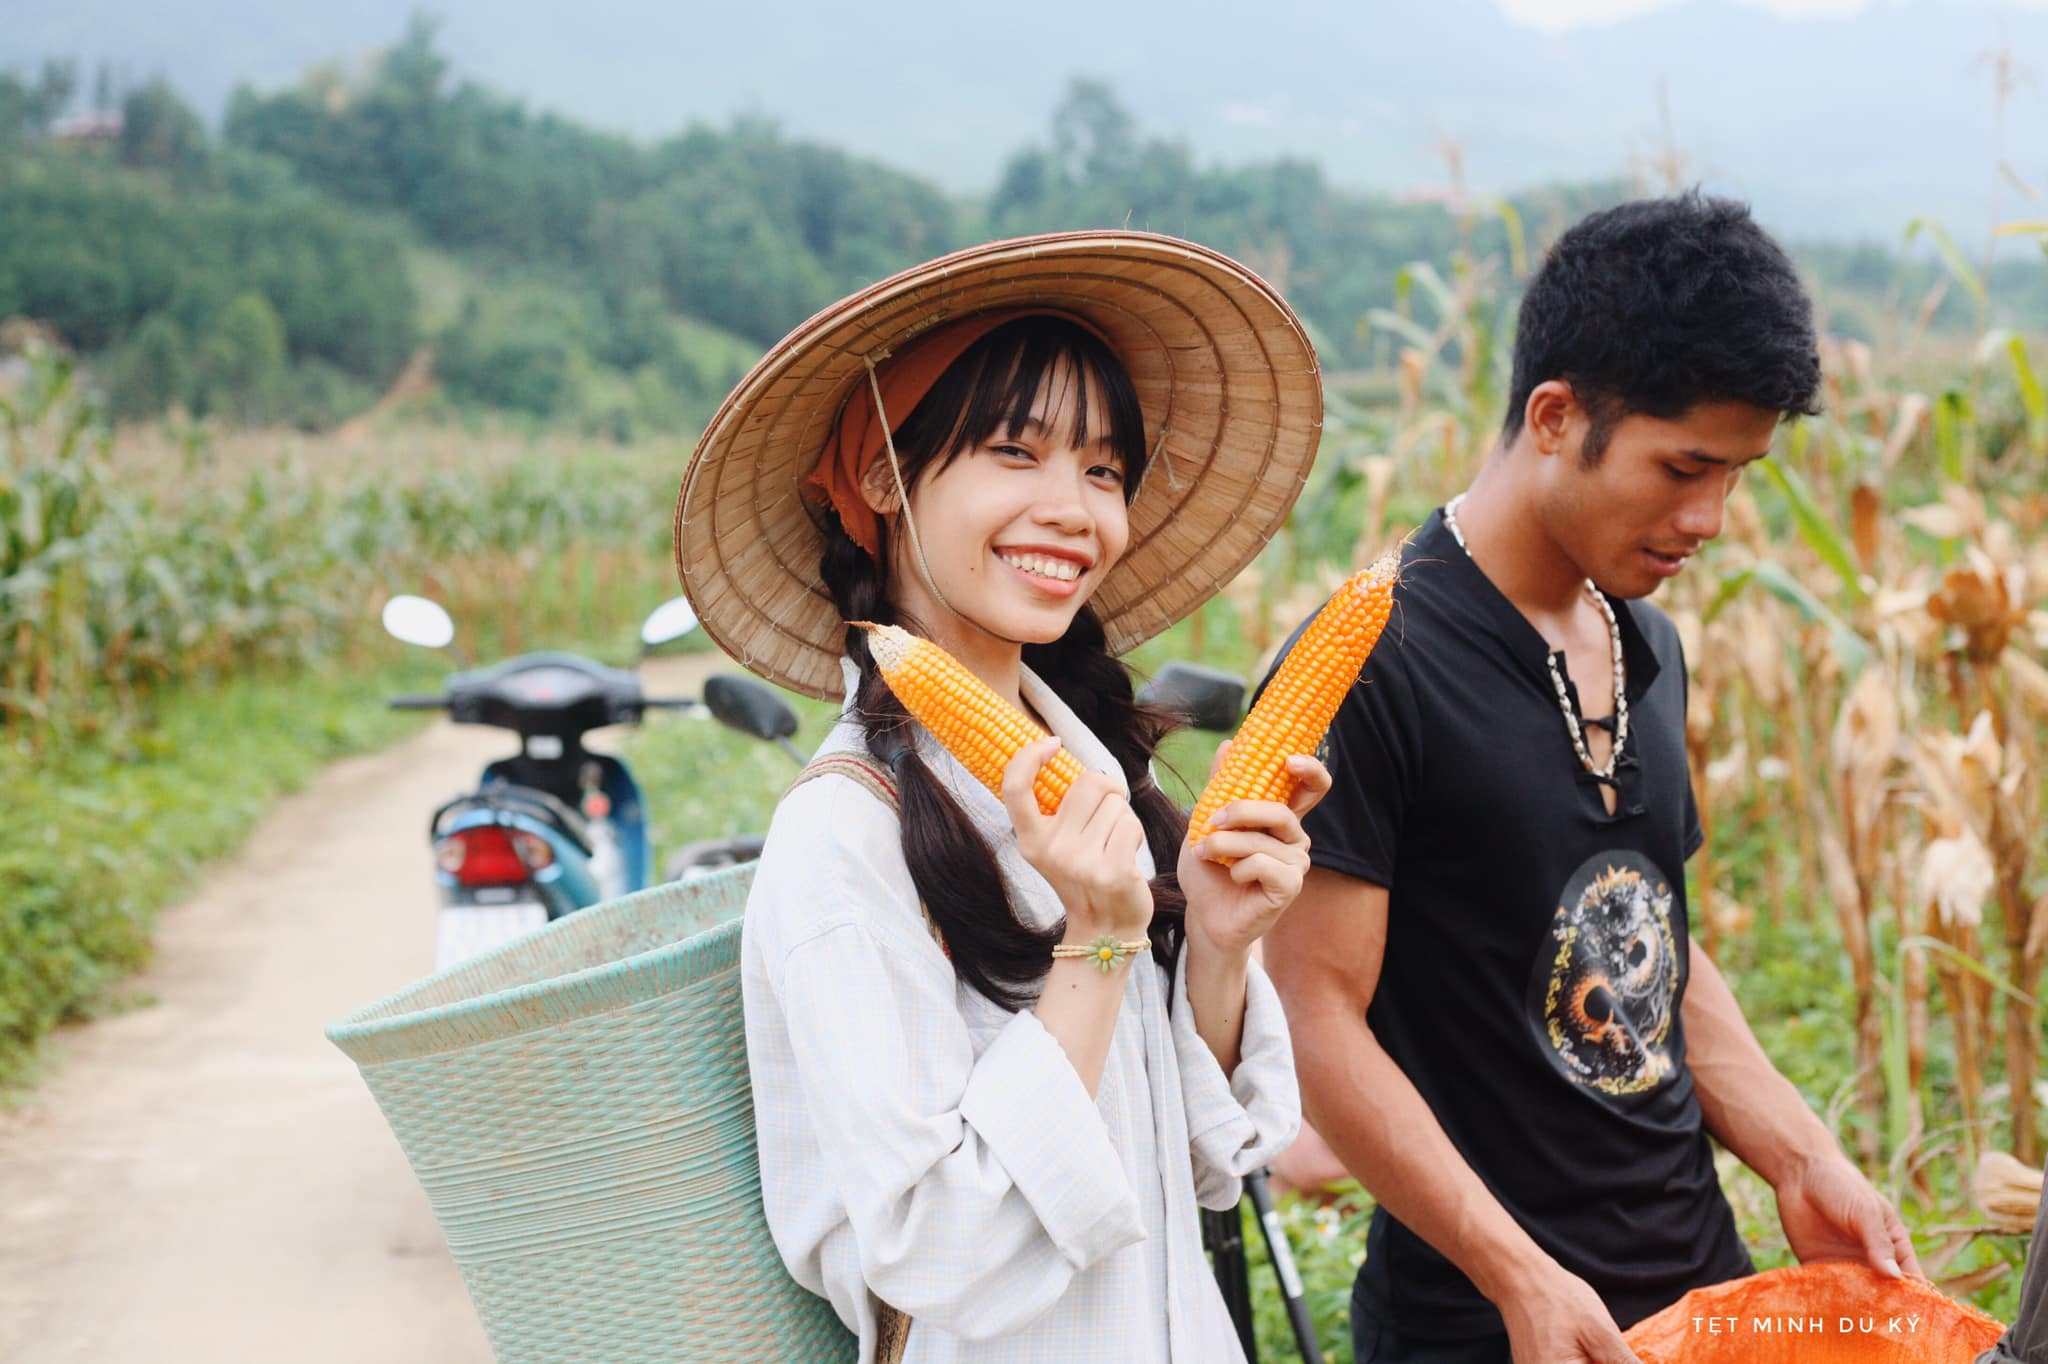 Du lịch cộng đồng sẽ là xu hướng trong năm 2021. Hình: Nguyễn Hoàng Anh Minh